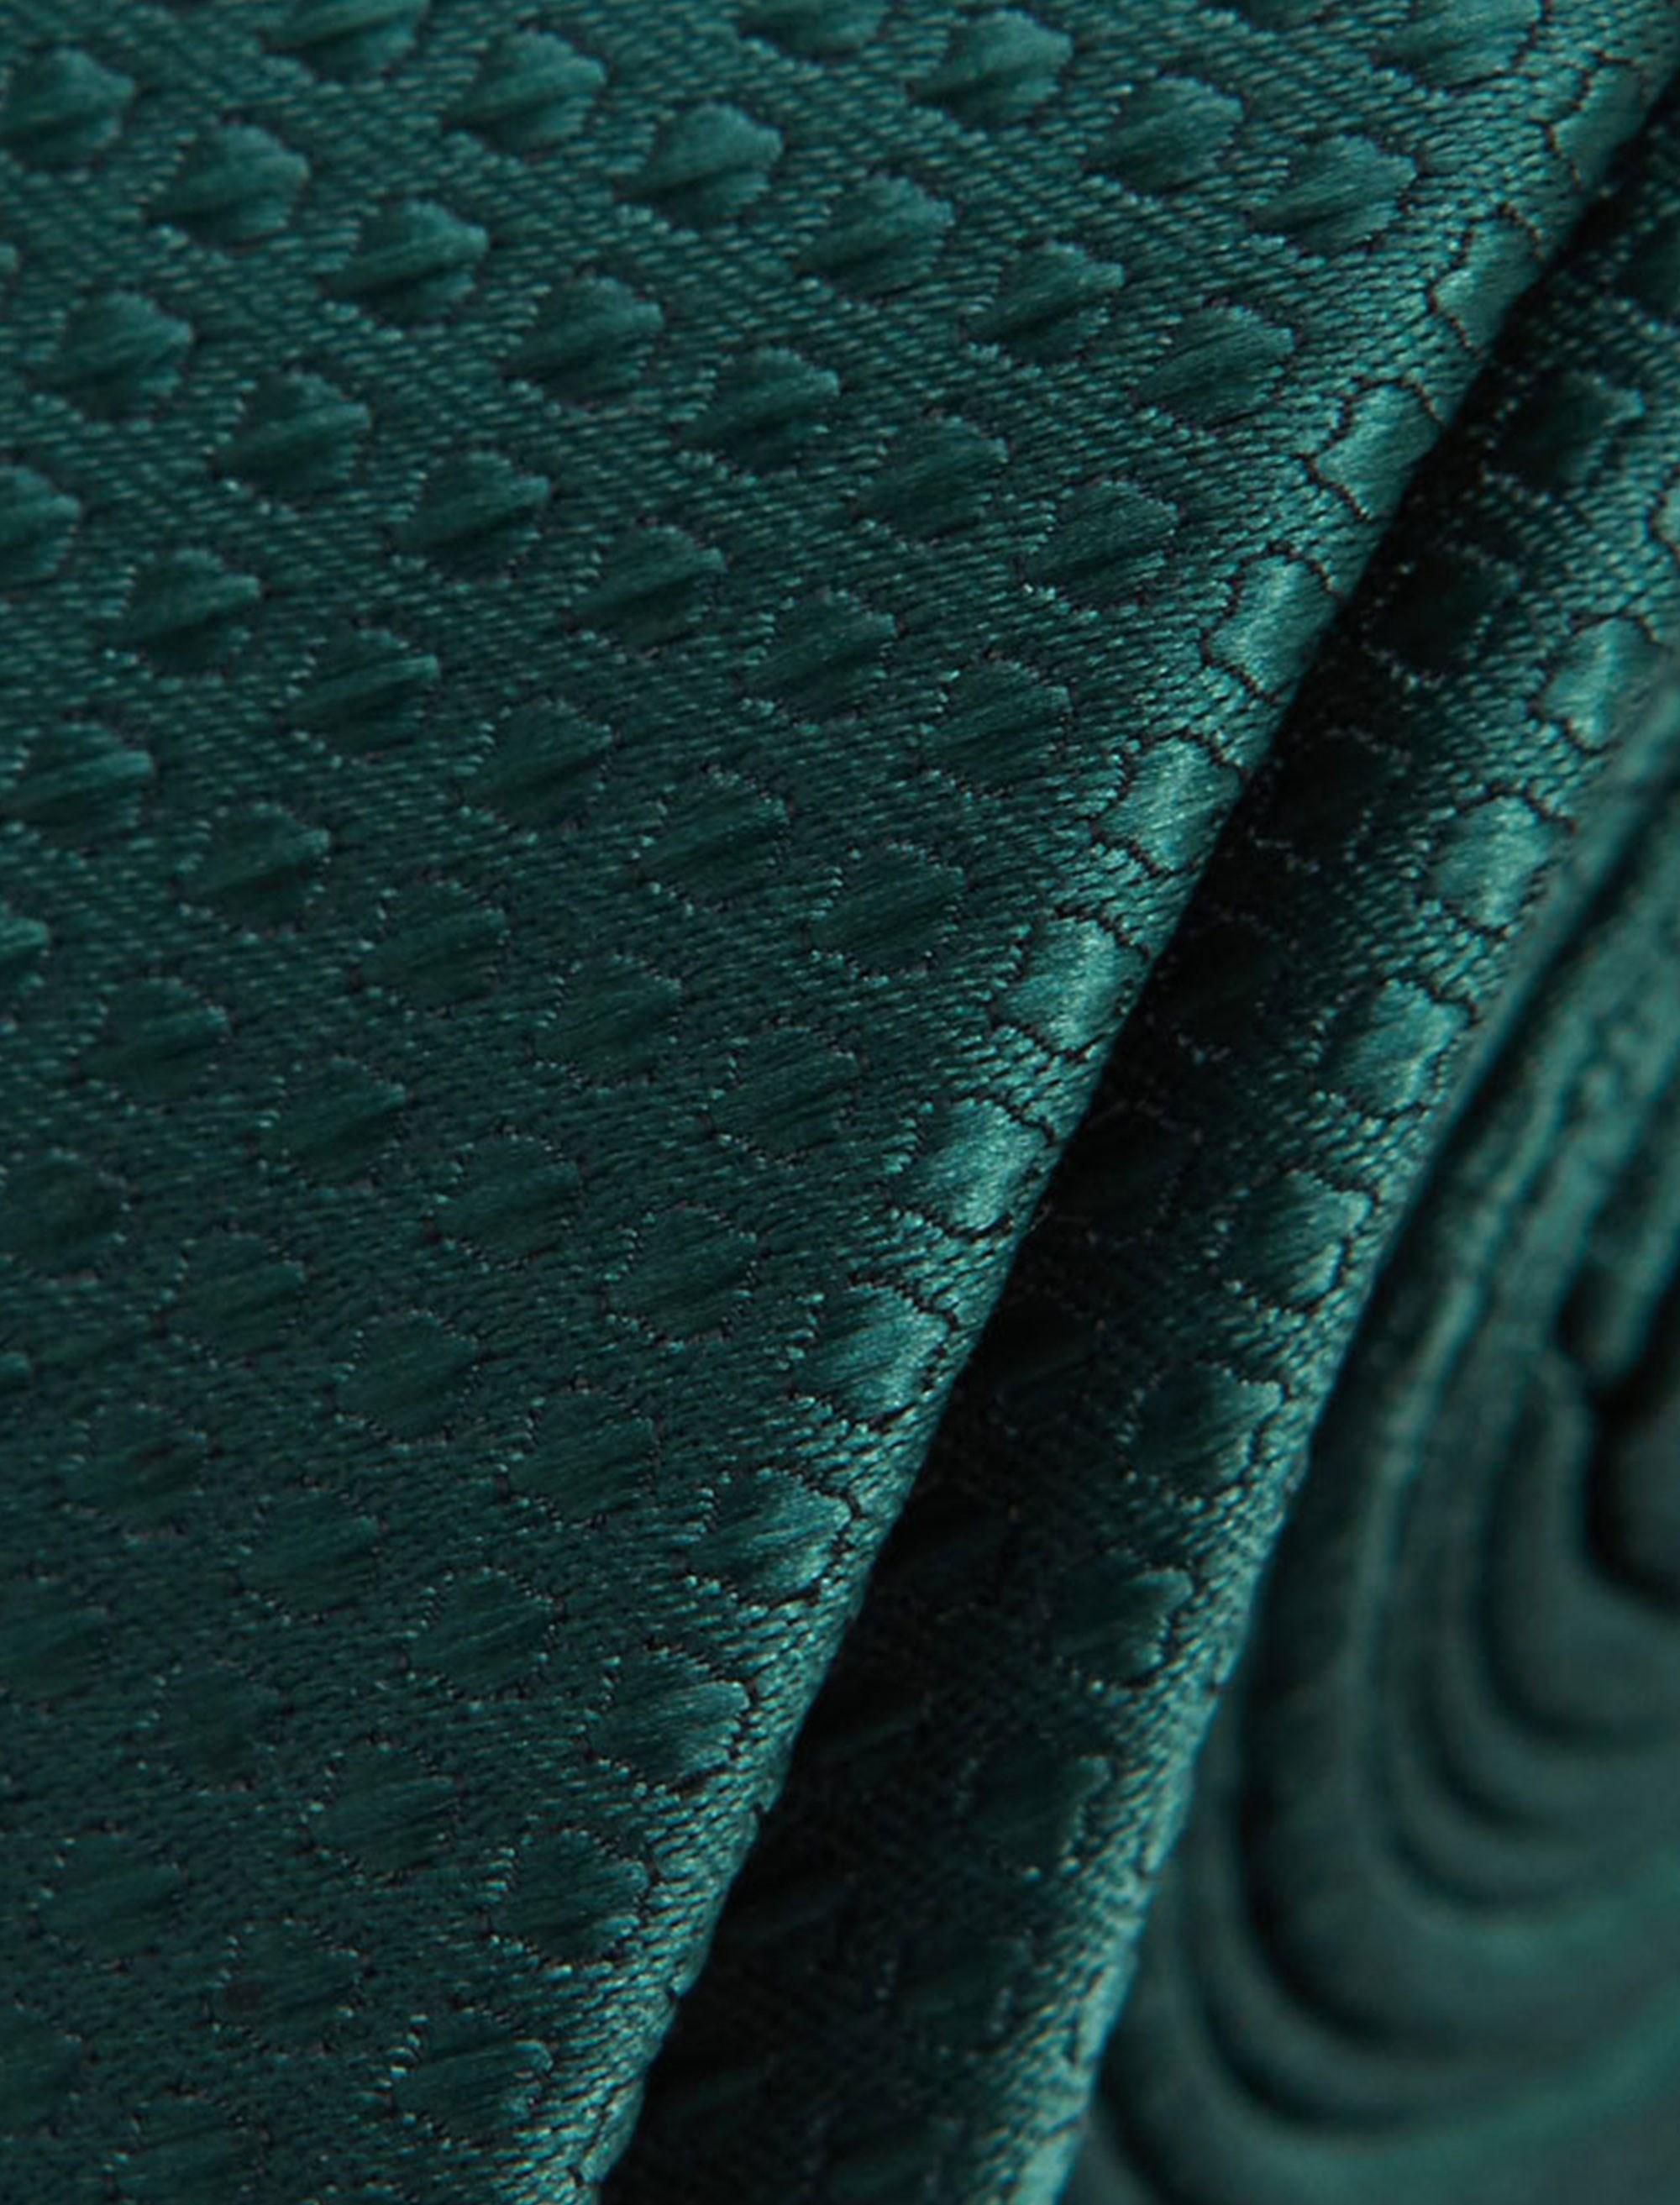 کراوات ساده  مردانه - مانگو - سبز - 4